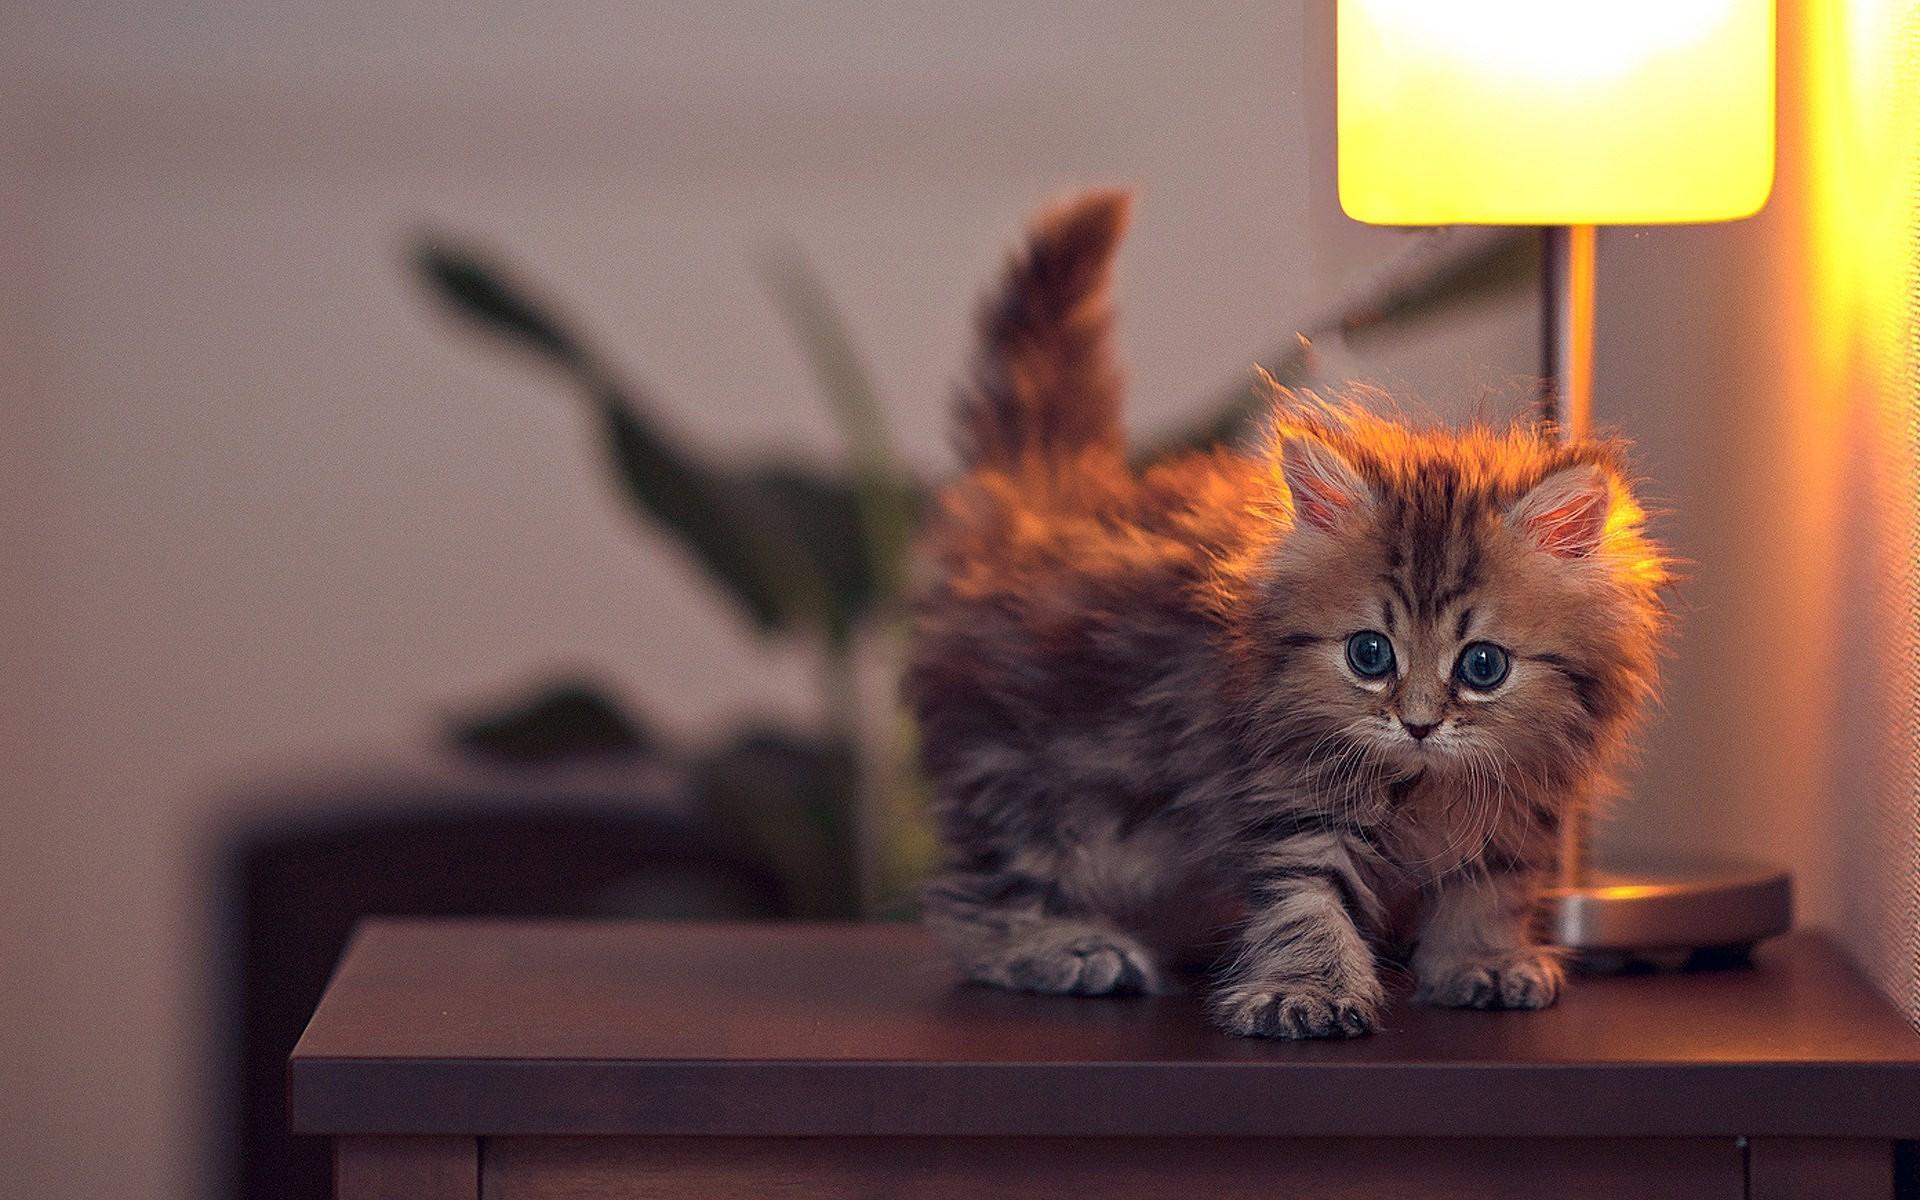 Cute Kitten On Table HD Wallpaper